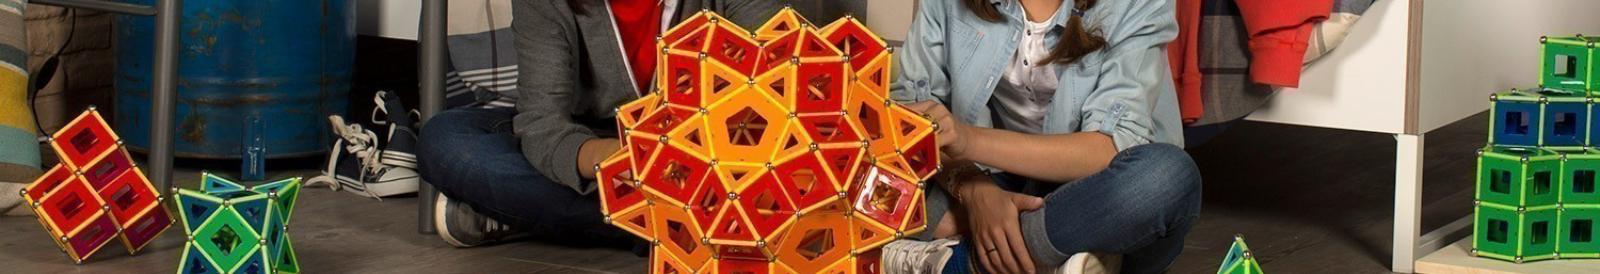 Magnetische blokken